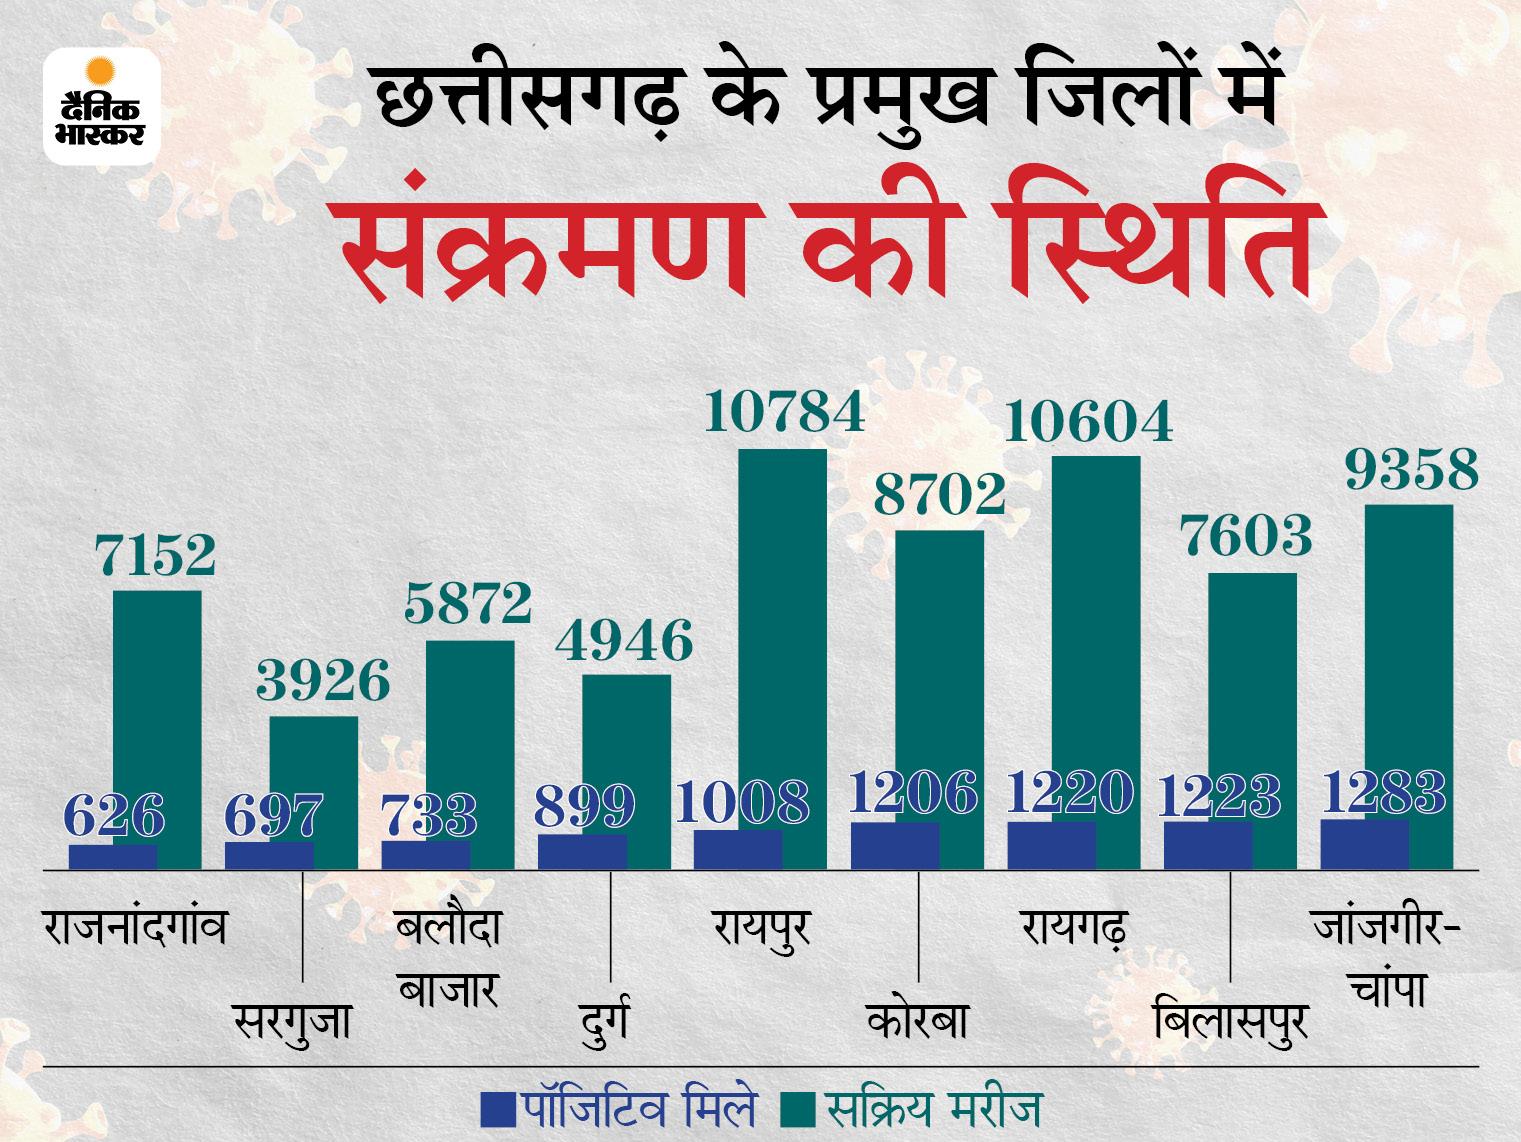 रायपुर-दुर्ग में कम हुआ तो बिलासपुर संभाग में बढ़ा संक्रमण; बस्तर संभाग में आंध्र प्रदेश स्ट्रेन के पहुंचने का खतरा, यह 15 गुना ज्यादा संक्रामक|रायपुर,Raipur - Dainik Bhaskar